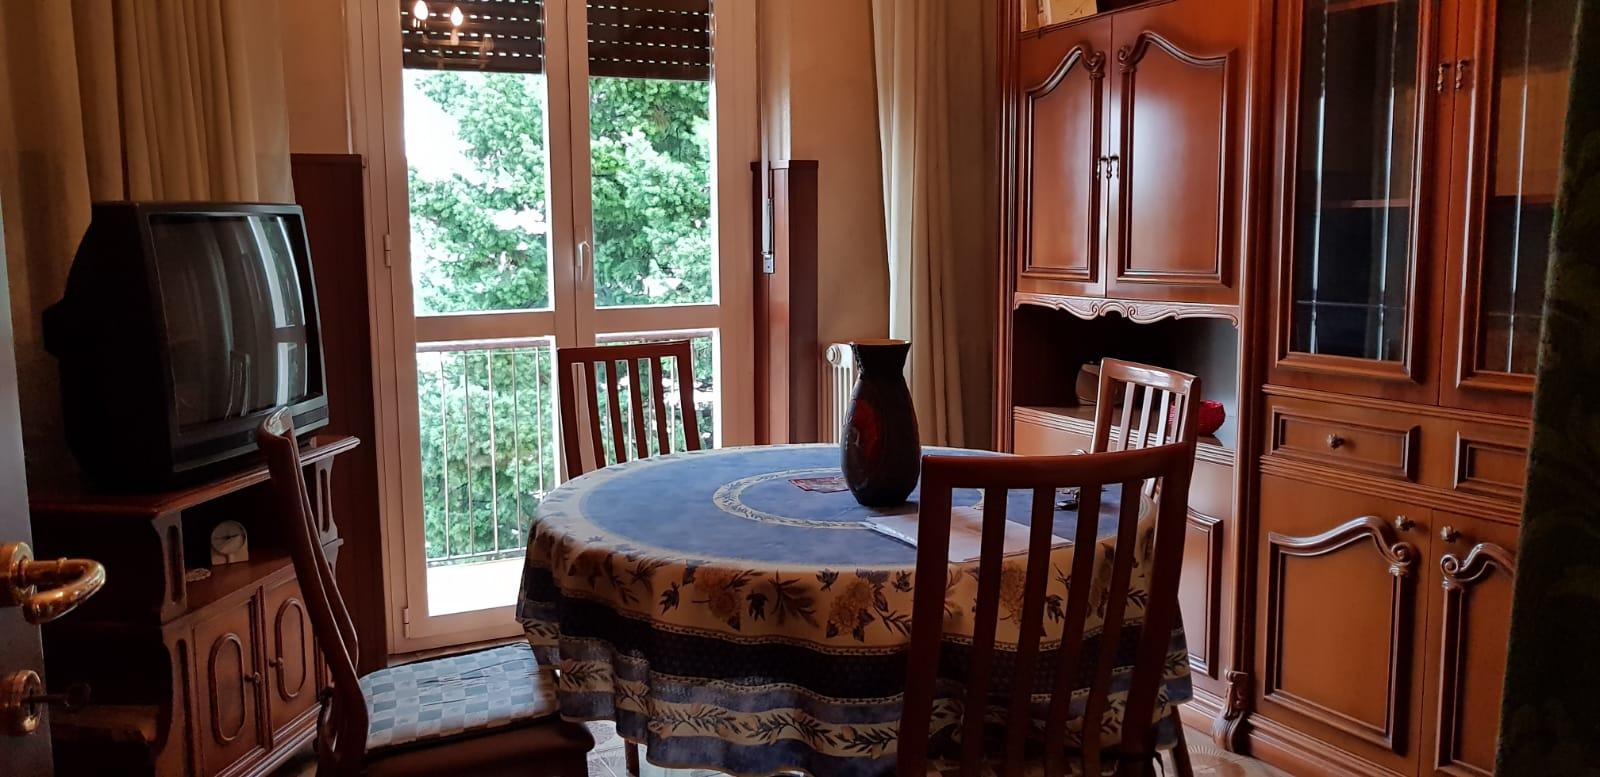 Appartamento in vendita a Saronno, 3 locali, prezzo € 75.000 | CambioCasa.it